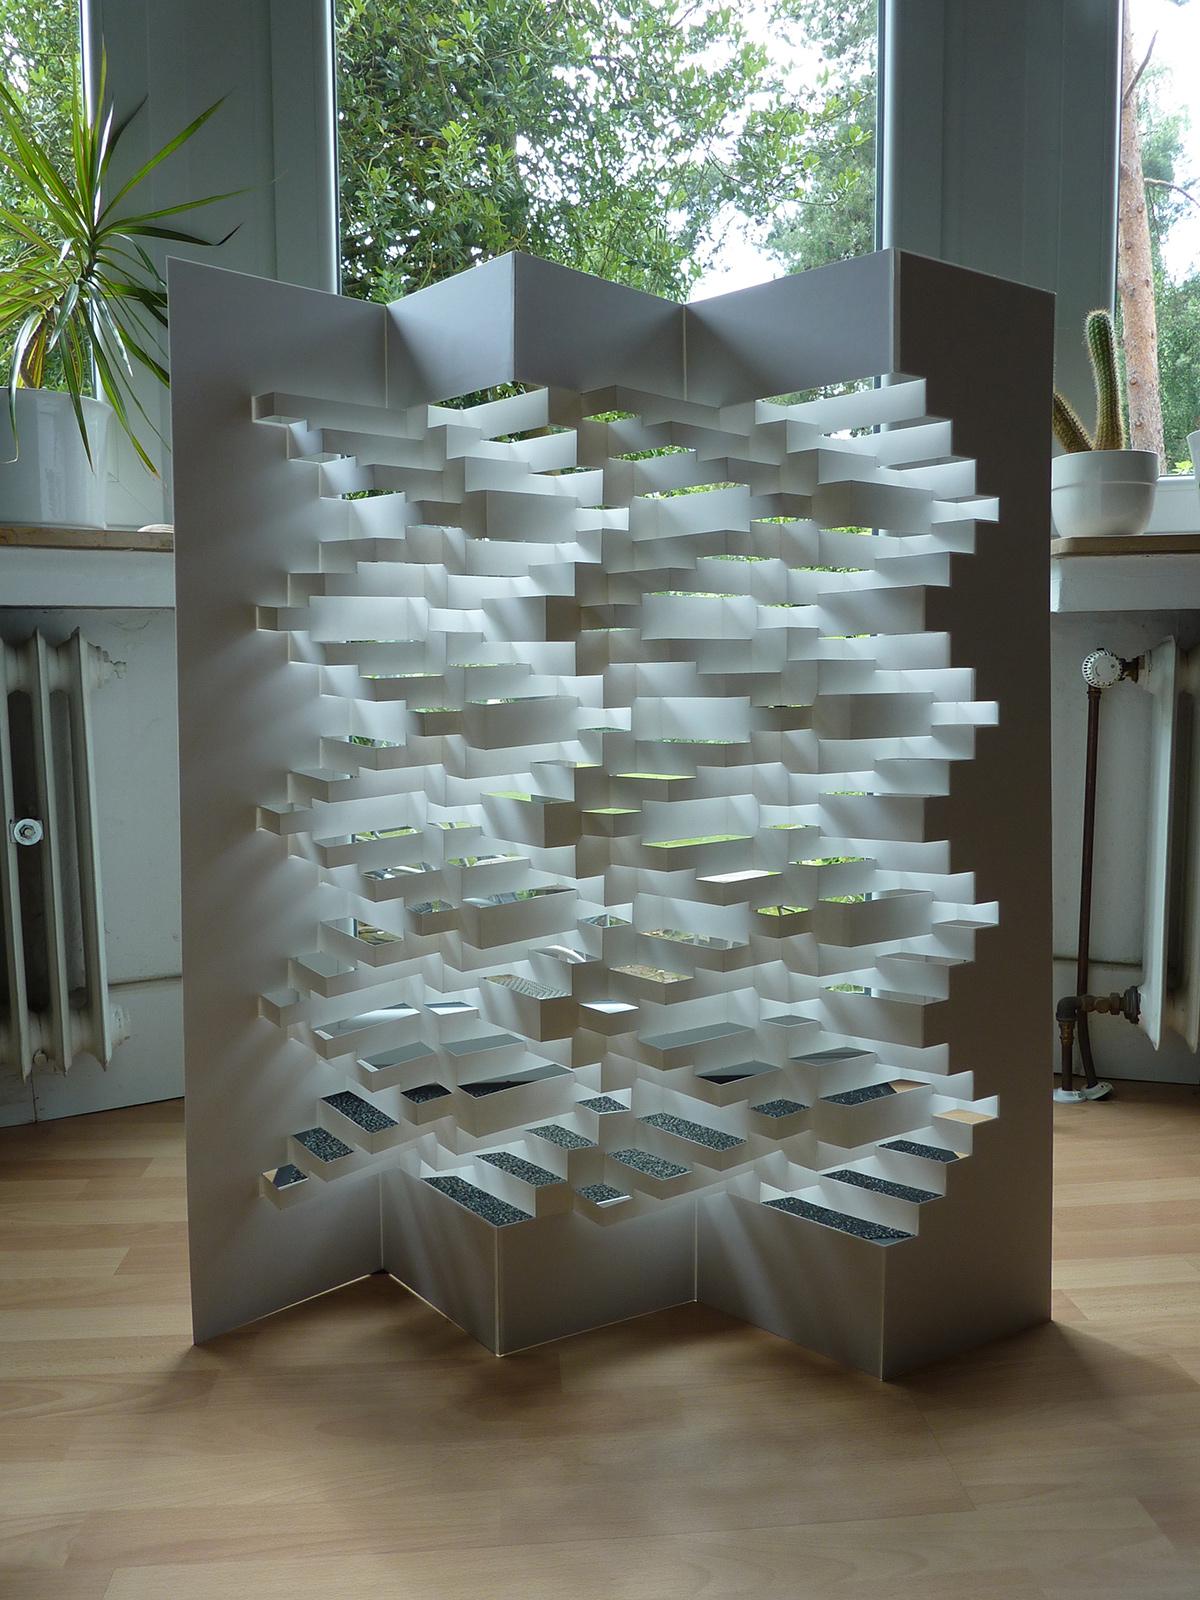 3d Paper Structure Peter Dahmen